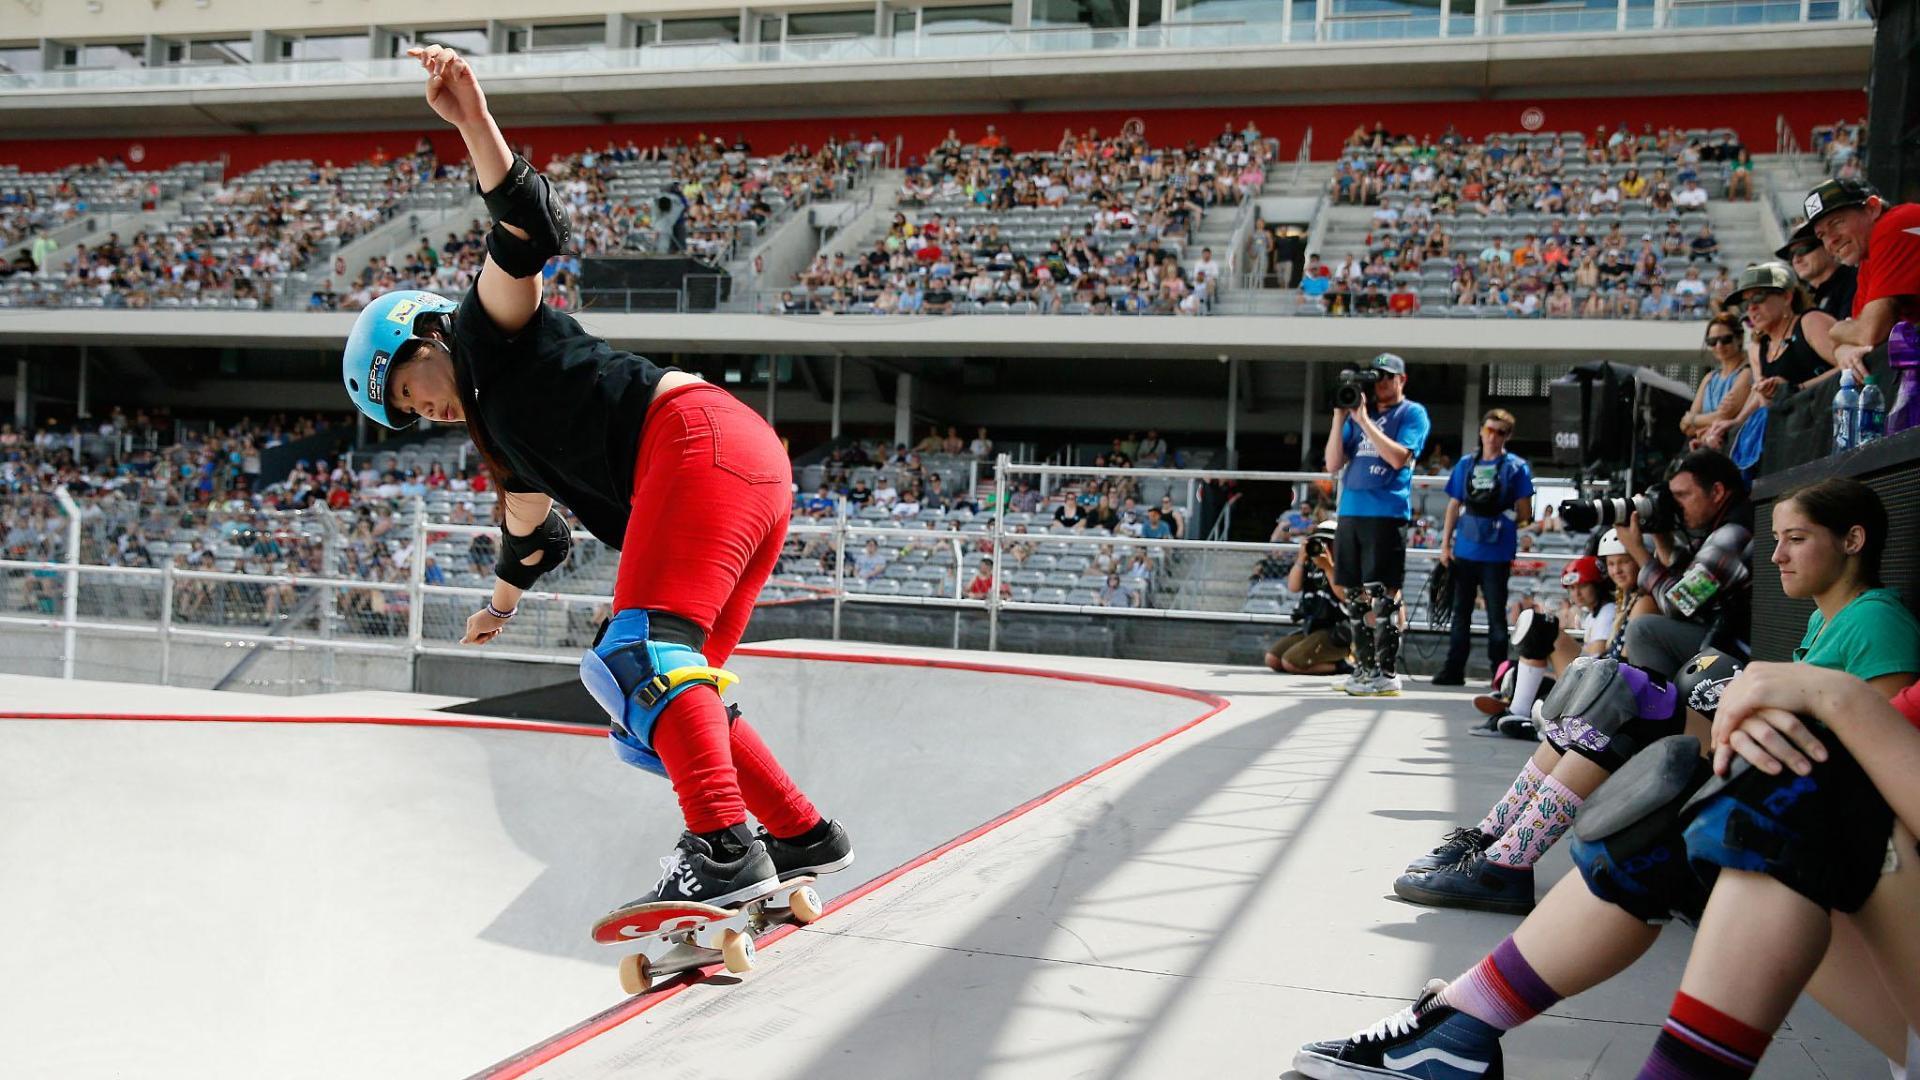 Roller skating x games - Kisa Nakamura Wins Women S Skateboard Park Gold